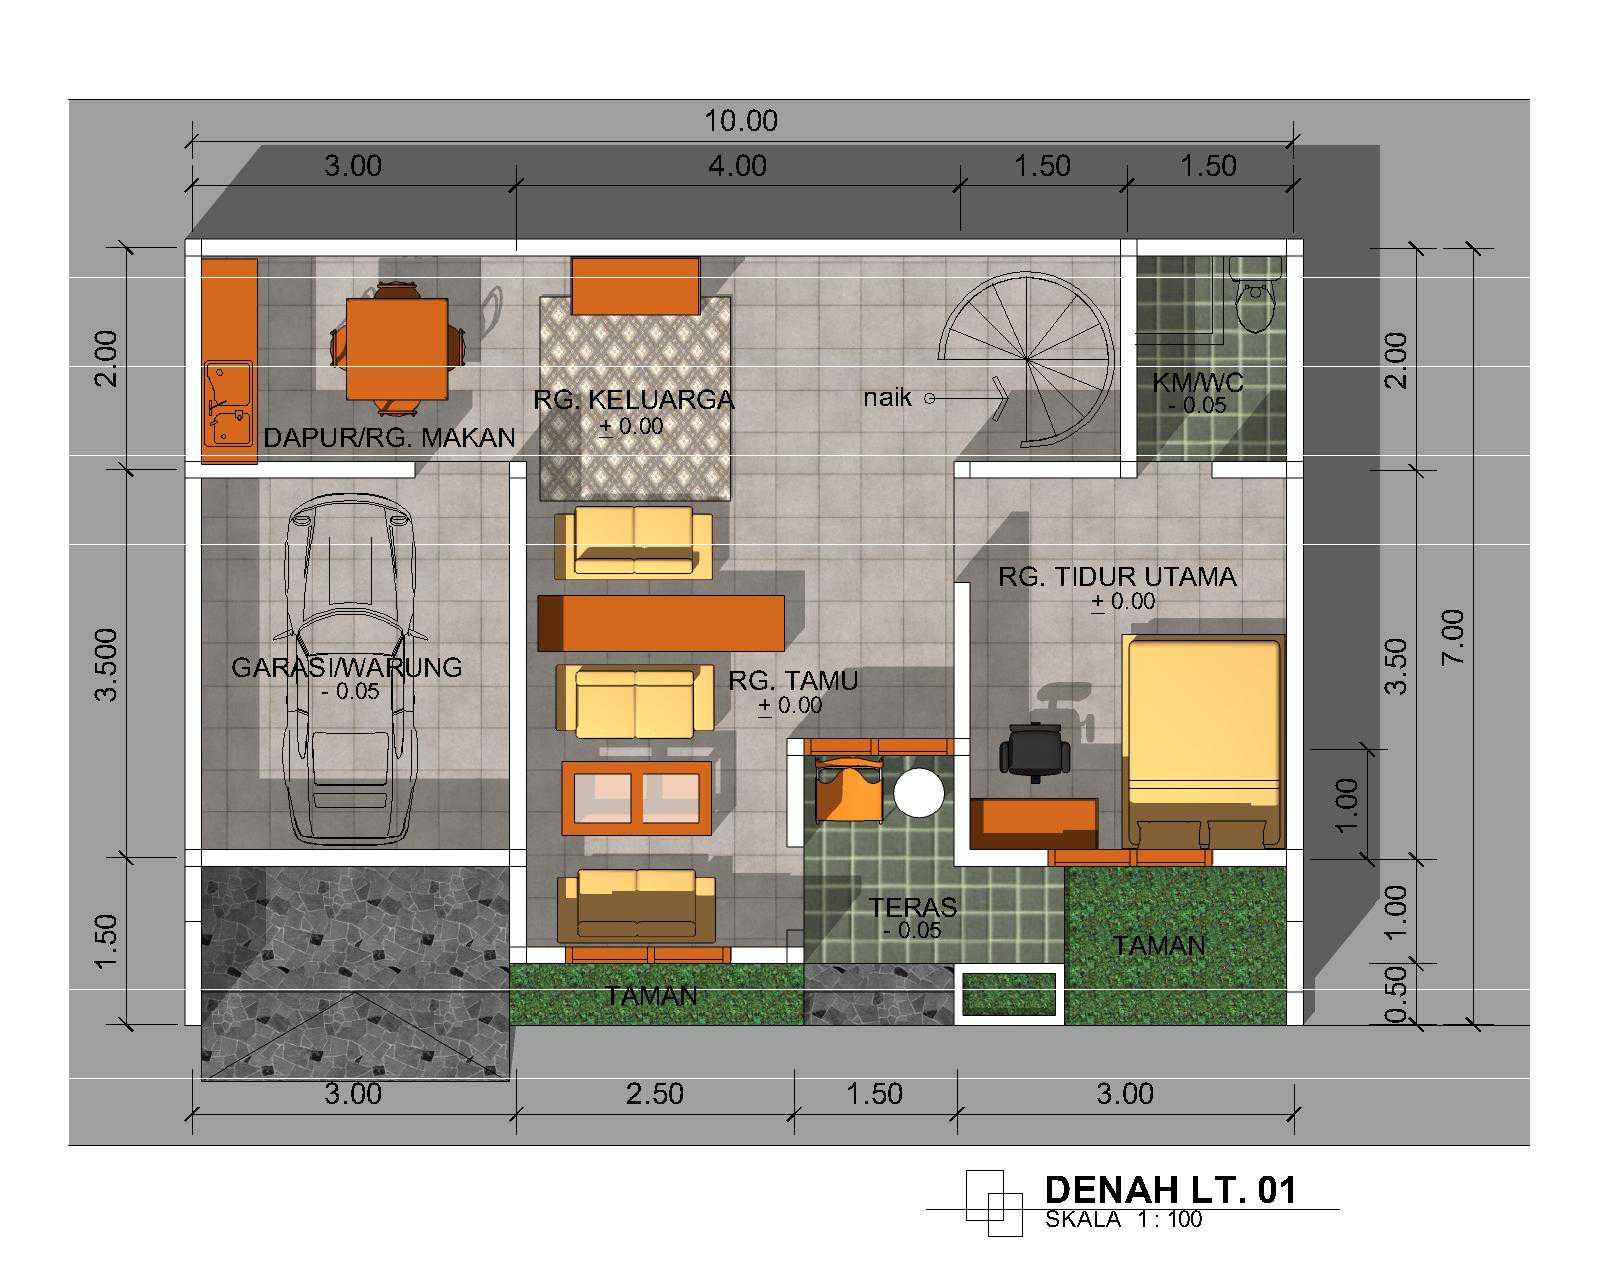 Denah Rumah Minimalis 1 Lantai Ukuran 6x8 | Desain Rumah Minimalis